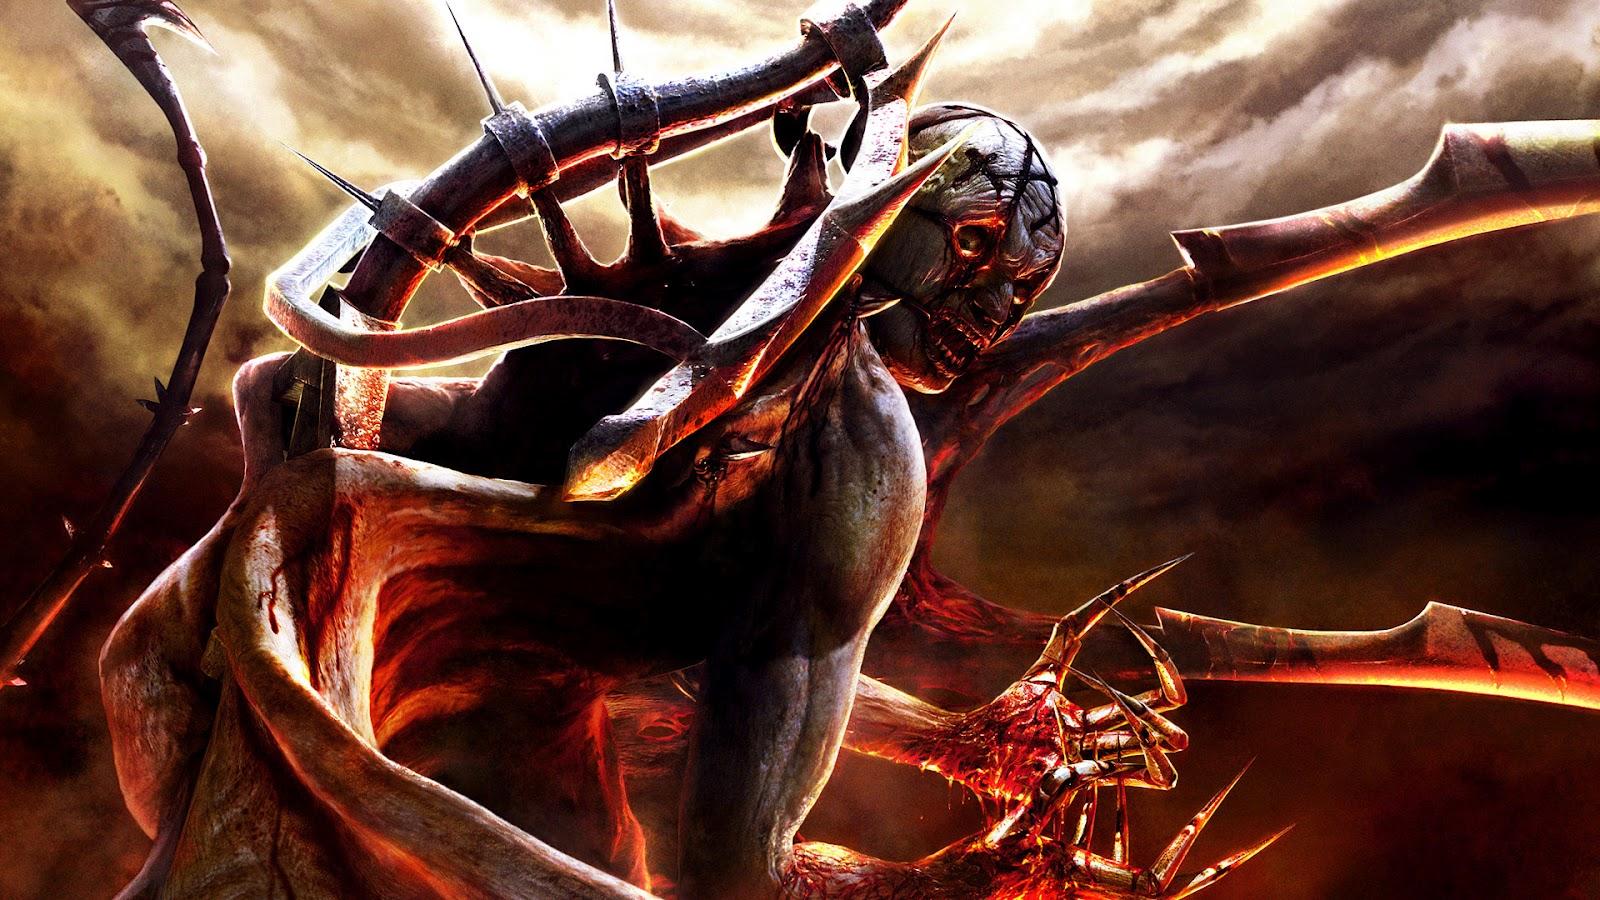 http://1.bp.blogspot.com/-OIbQORTRAgo/UAl4TFhdFnI/AAAAAAAACDo/w0tLA29EMuo/s1600/Monsters+and+Zombies+HQ+HD+Wallpapers%7Bfreehqwallpapers.blogspot.com%7D+%2811%29.jpg